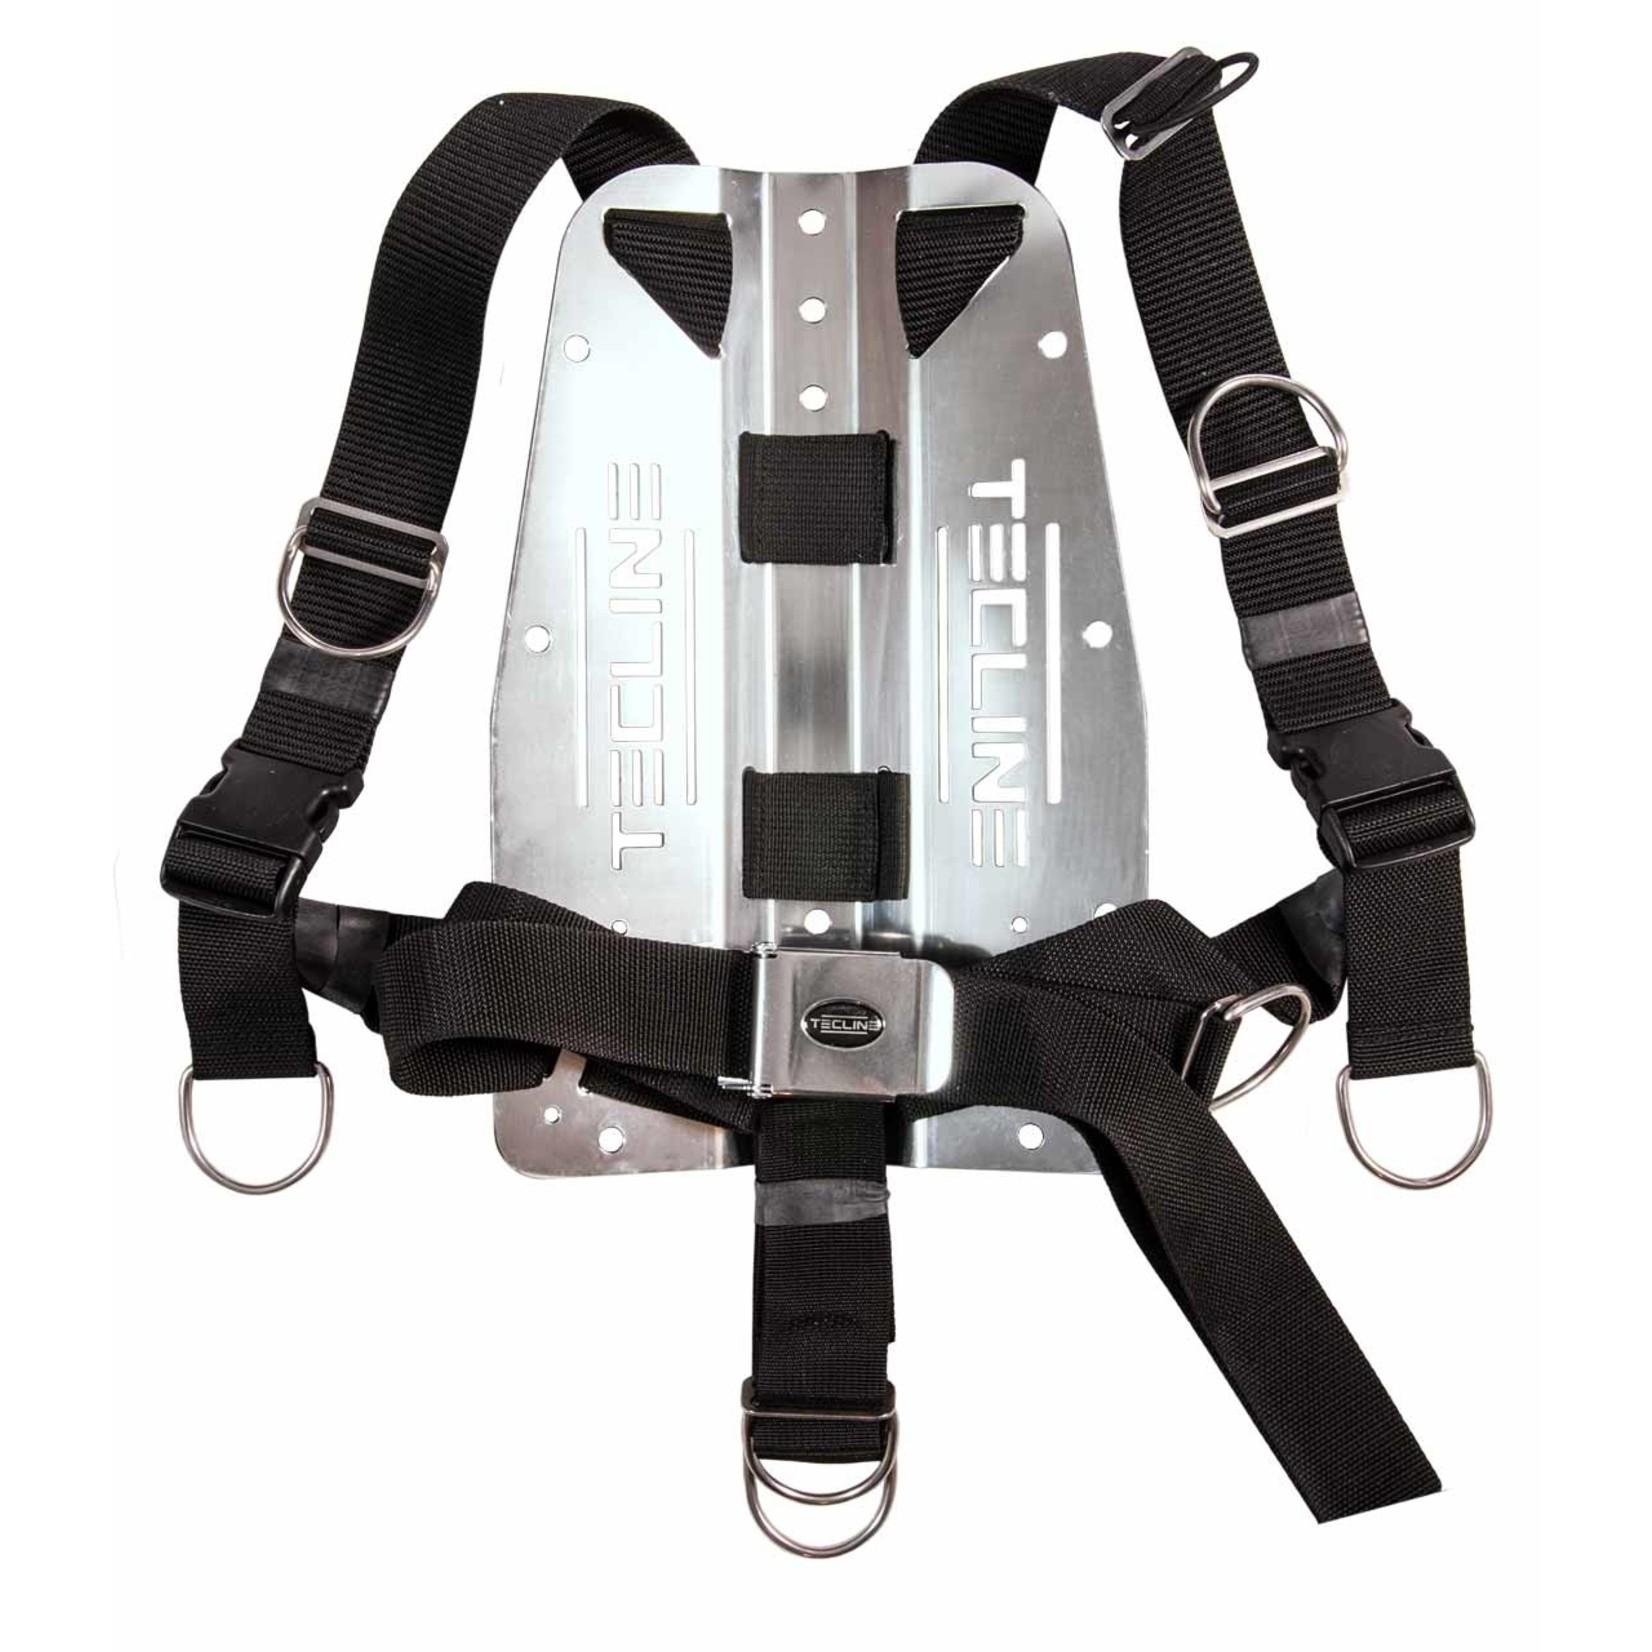 Tecline Harness TecLine QR standard webbing - incl. 3 mm RVS backplate